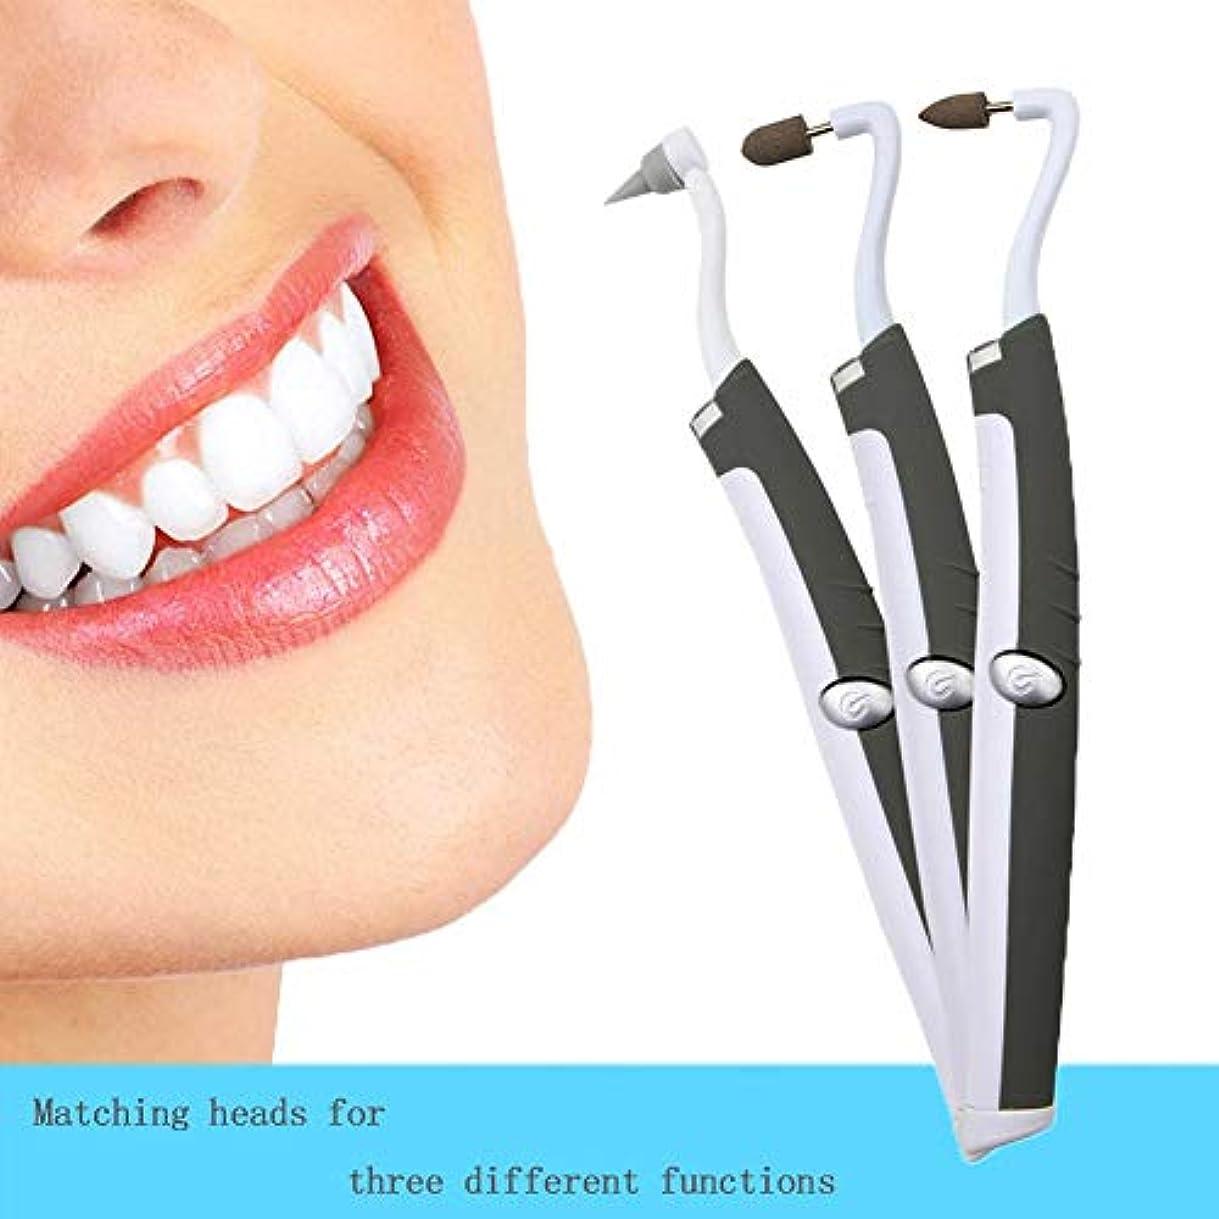 エトナ山早熟宣教師歯石除去剤-変色を取り除き、歯を白くする歯石除去剤歯石が歯を除去しますポーランドのスリップが歯垢の汚れを防ぎます(3頭)